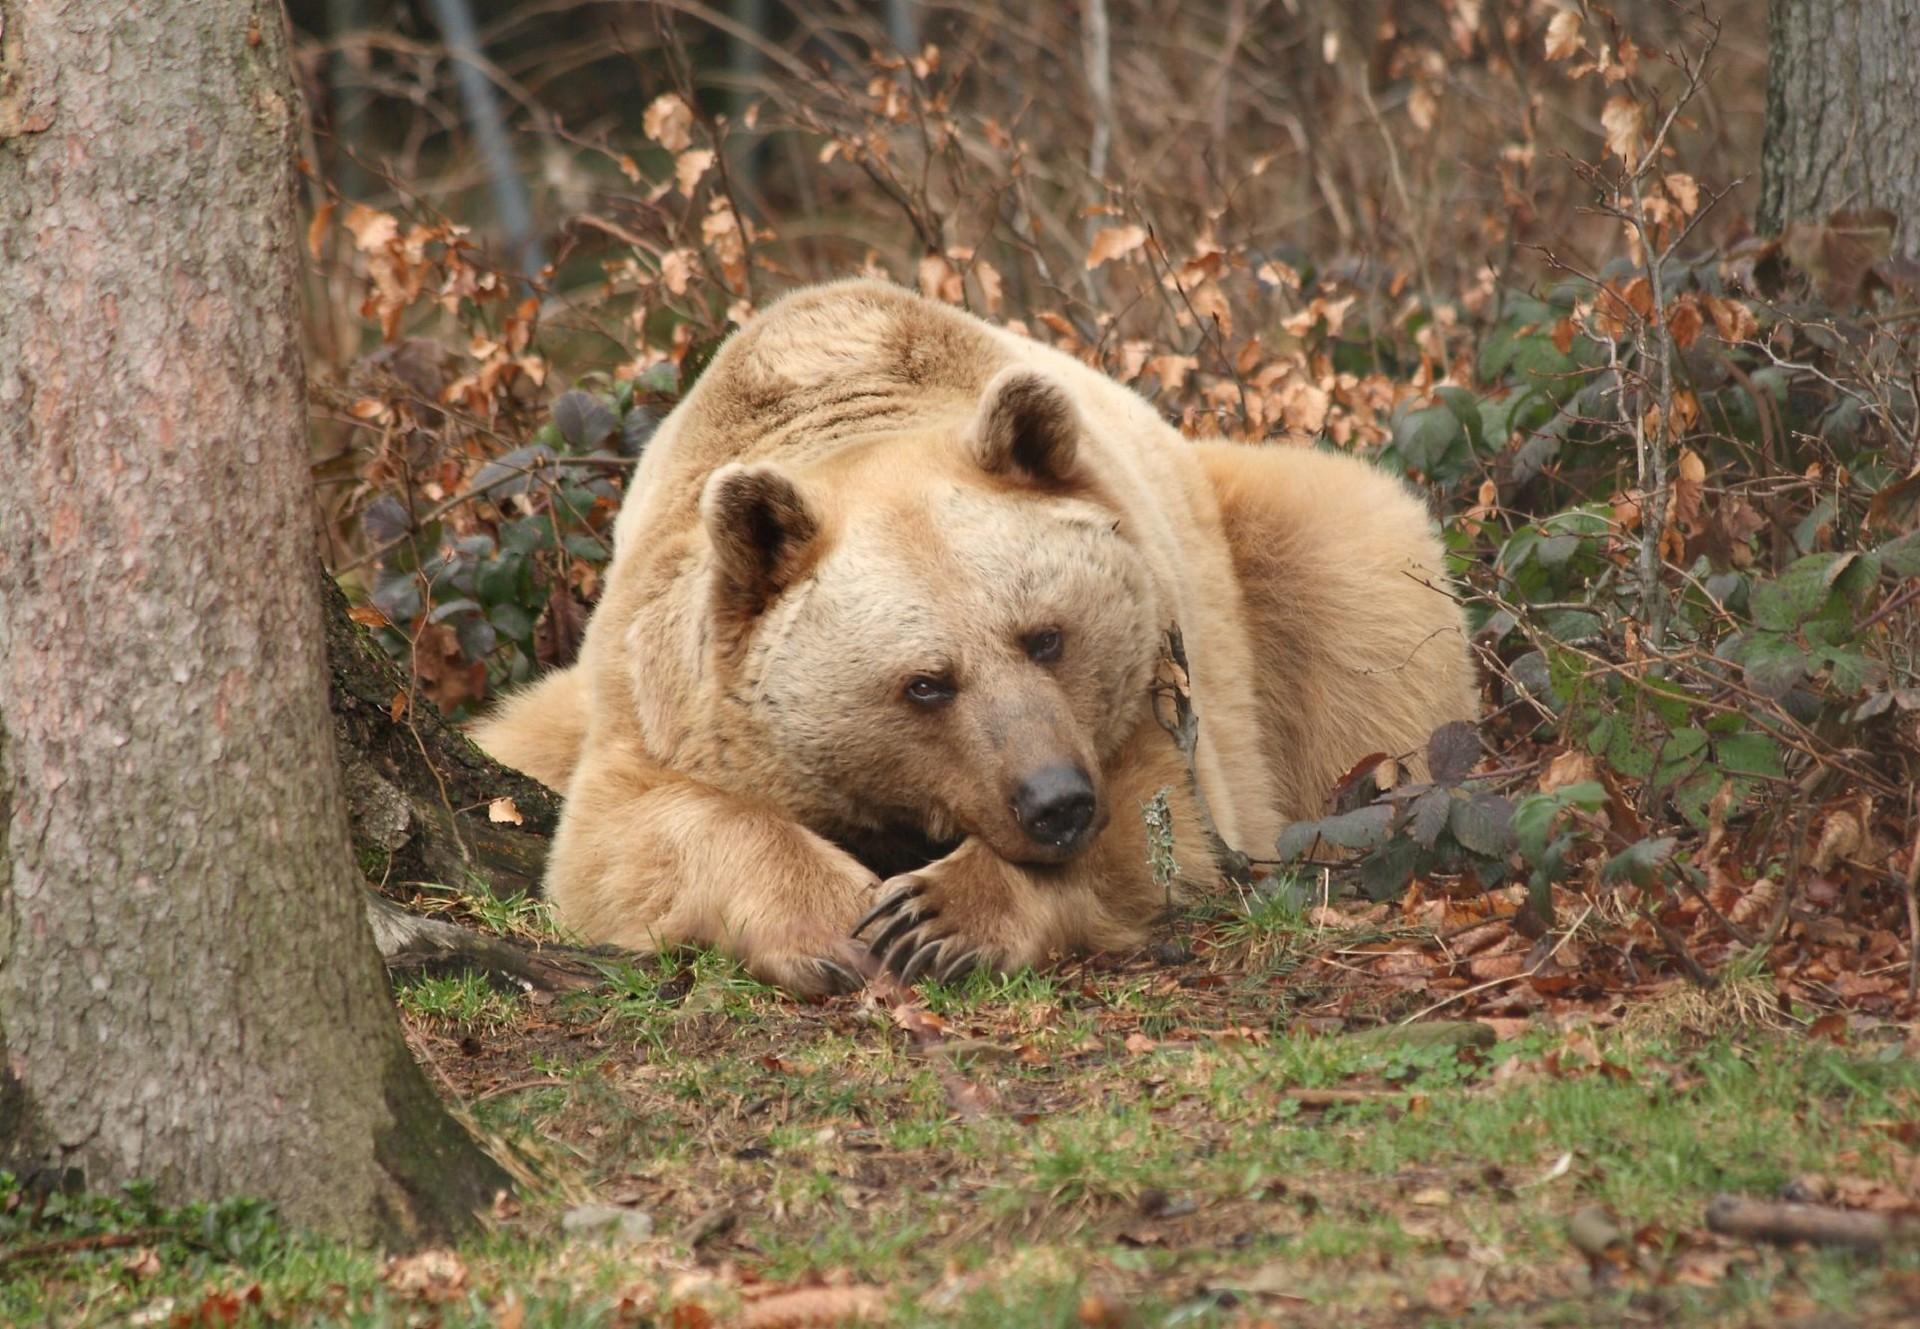 Bär Vinzenz schläft auf einem Blätterberg im BÄRENWALD Arbesbach